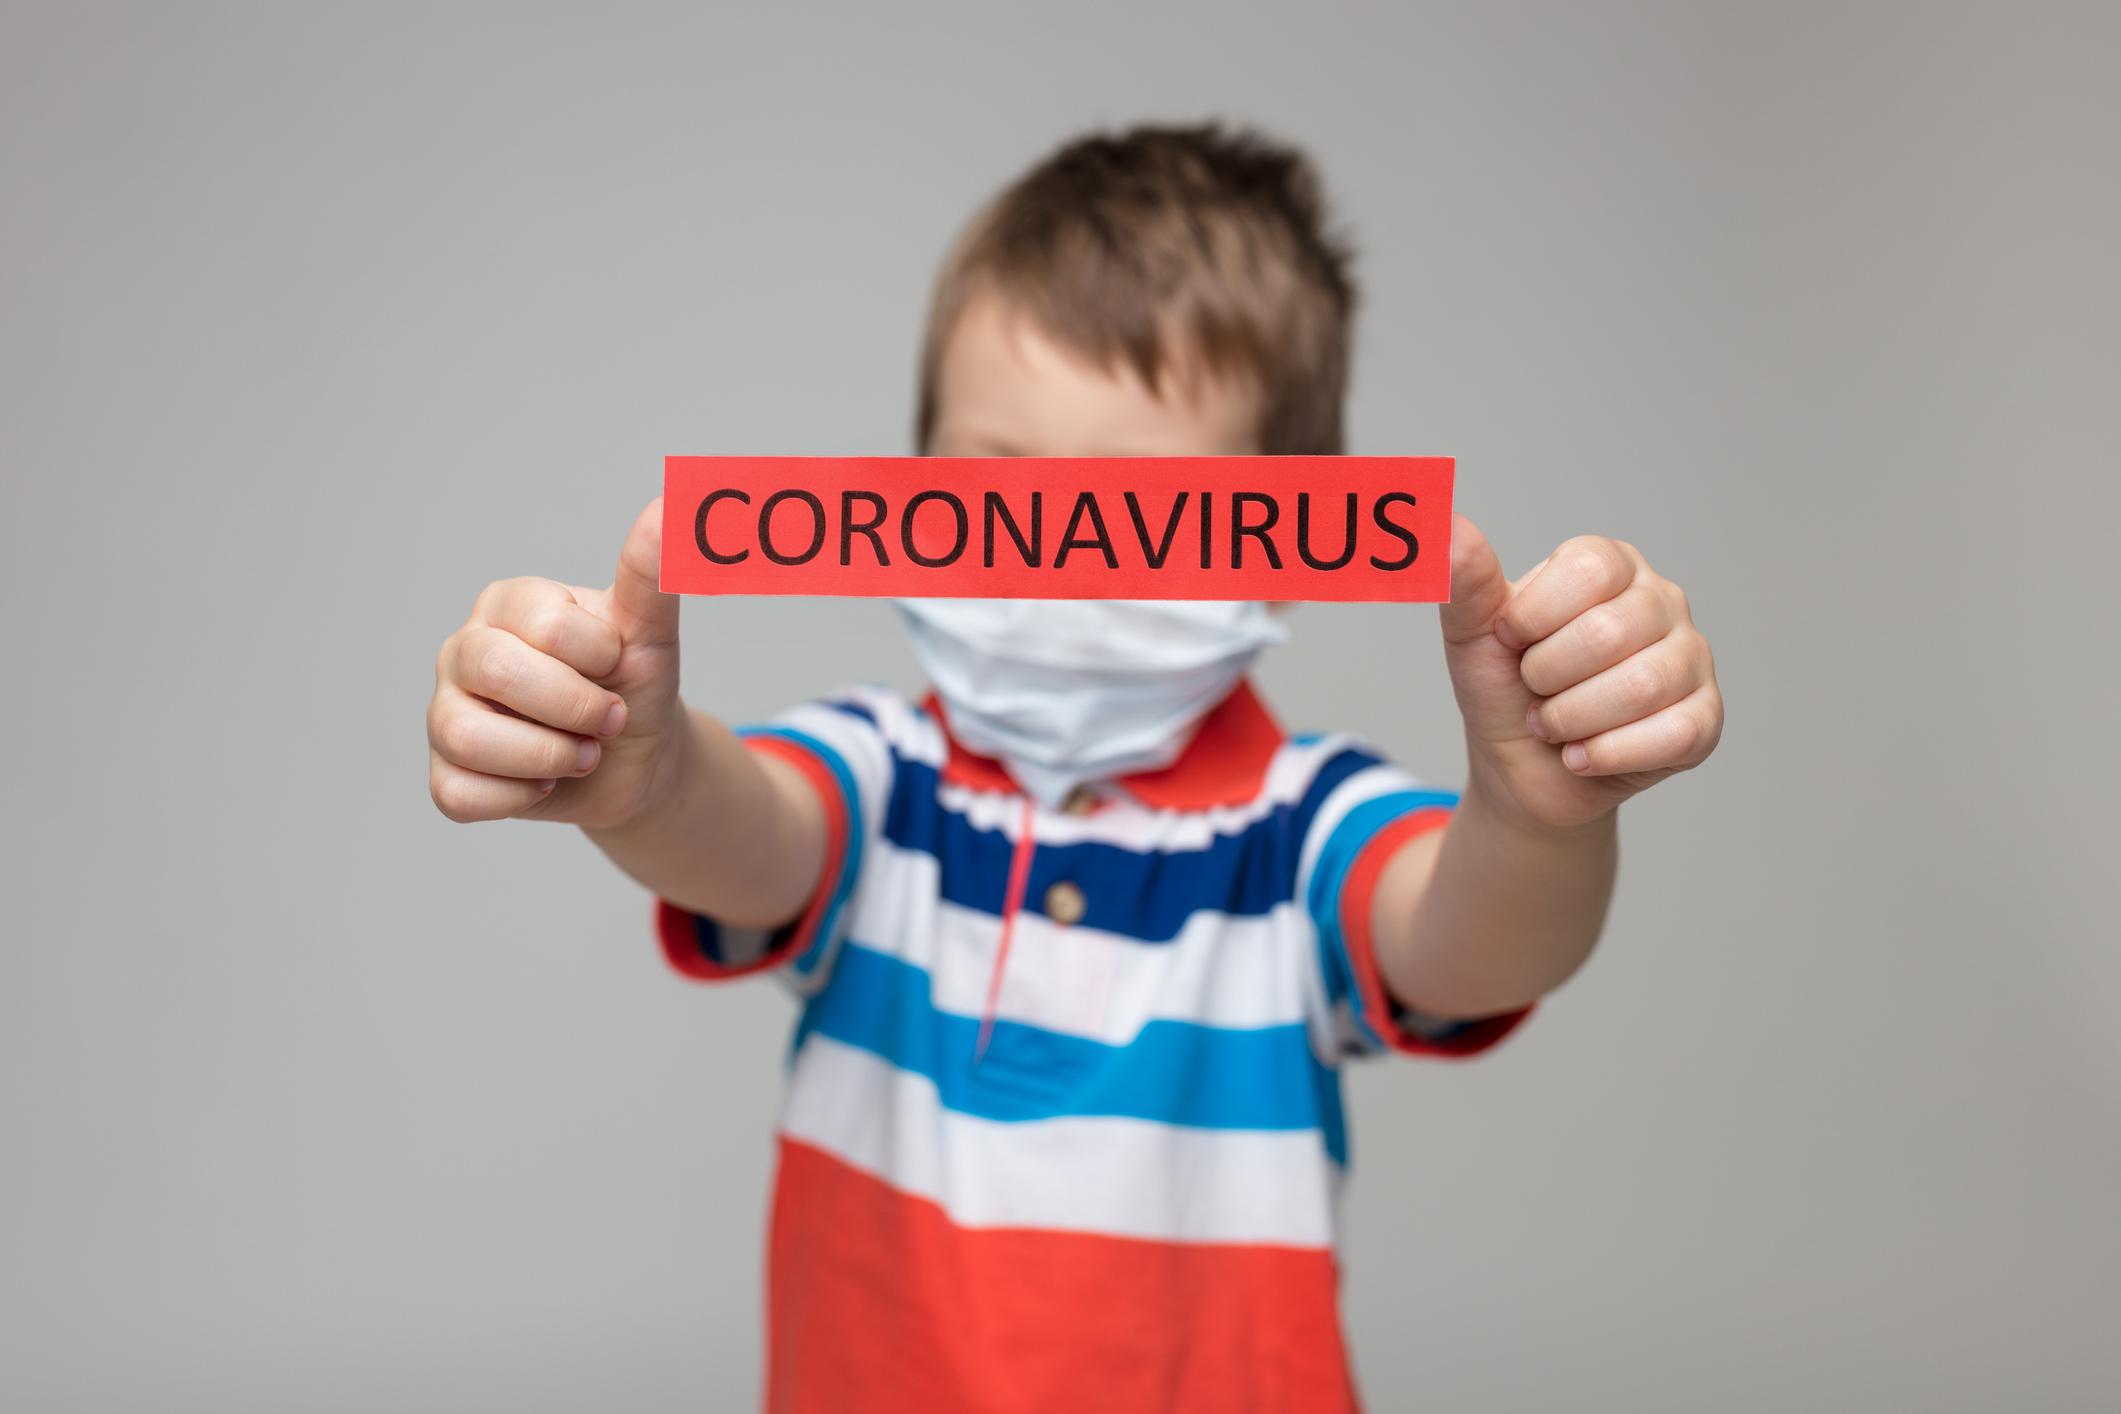 Los efectos de la Covid-19 en pacientes de edad pediátrica